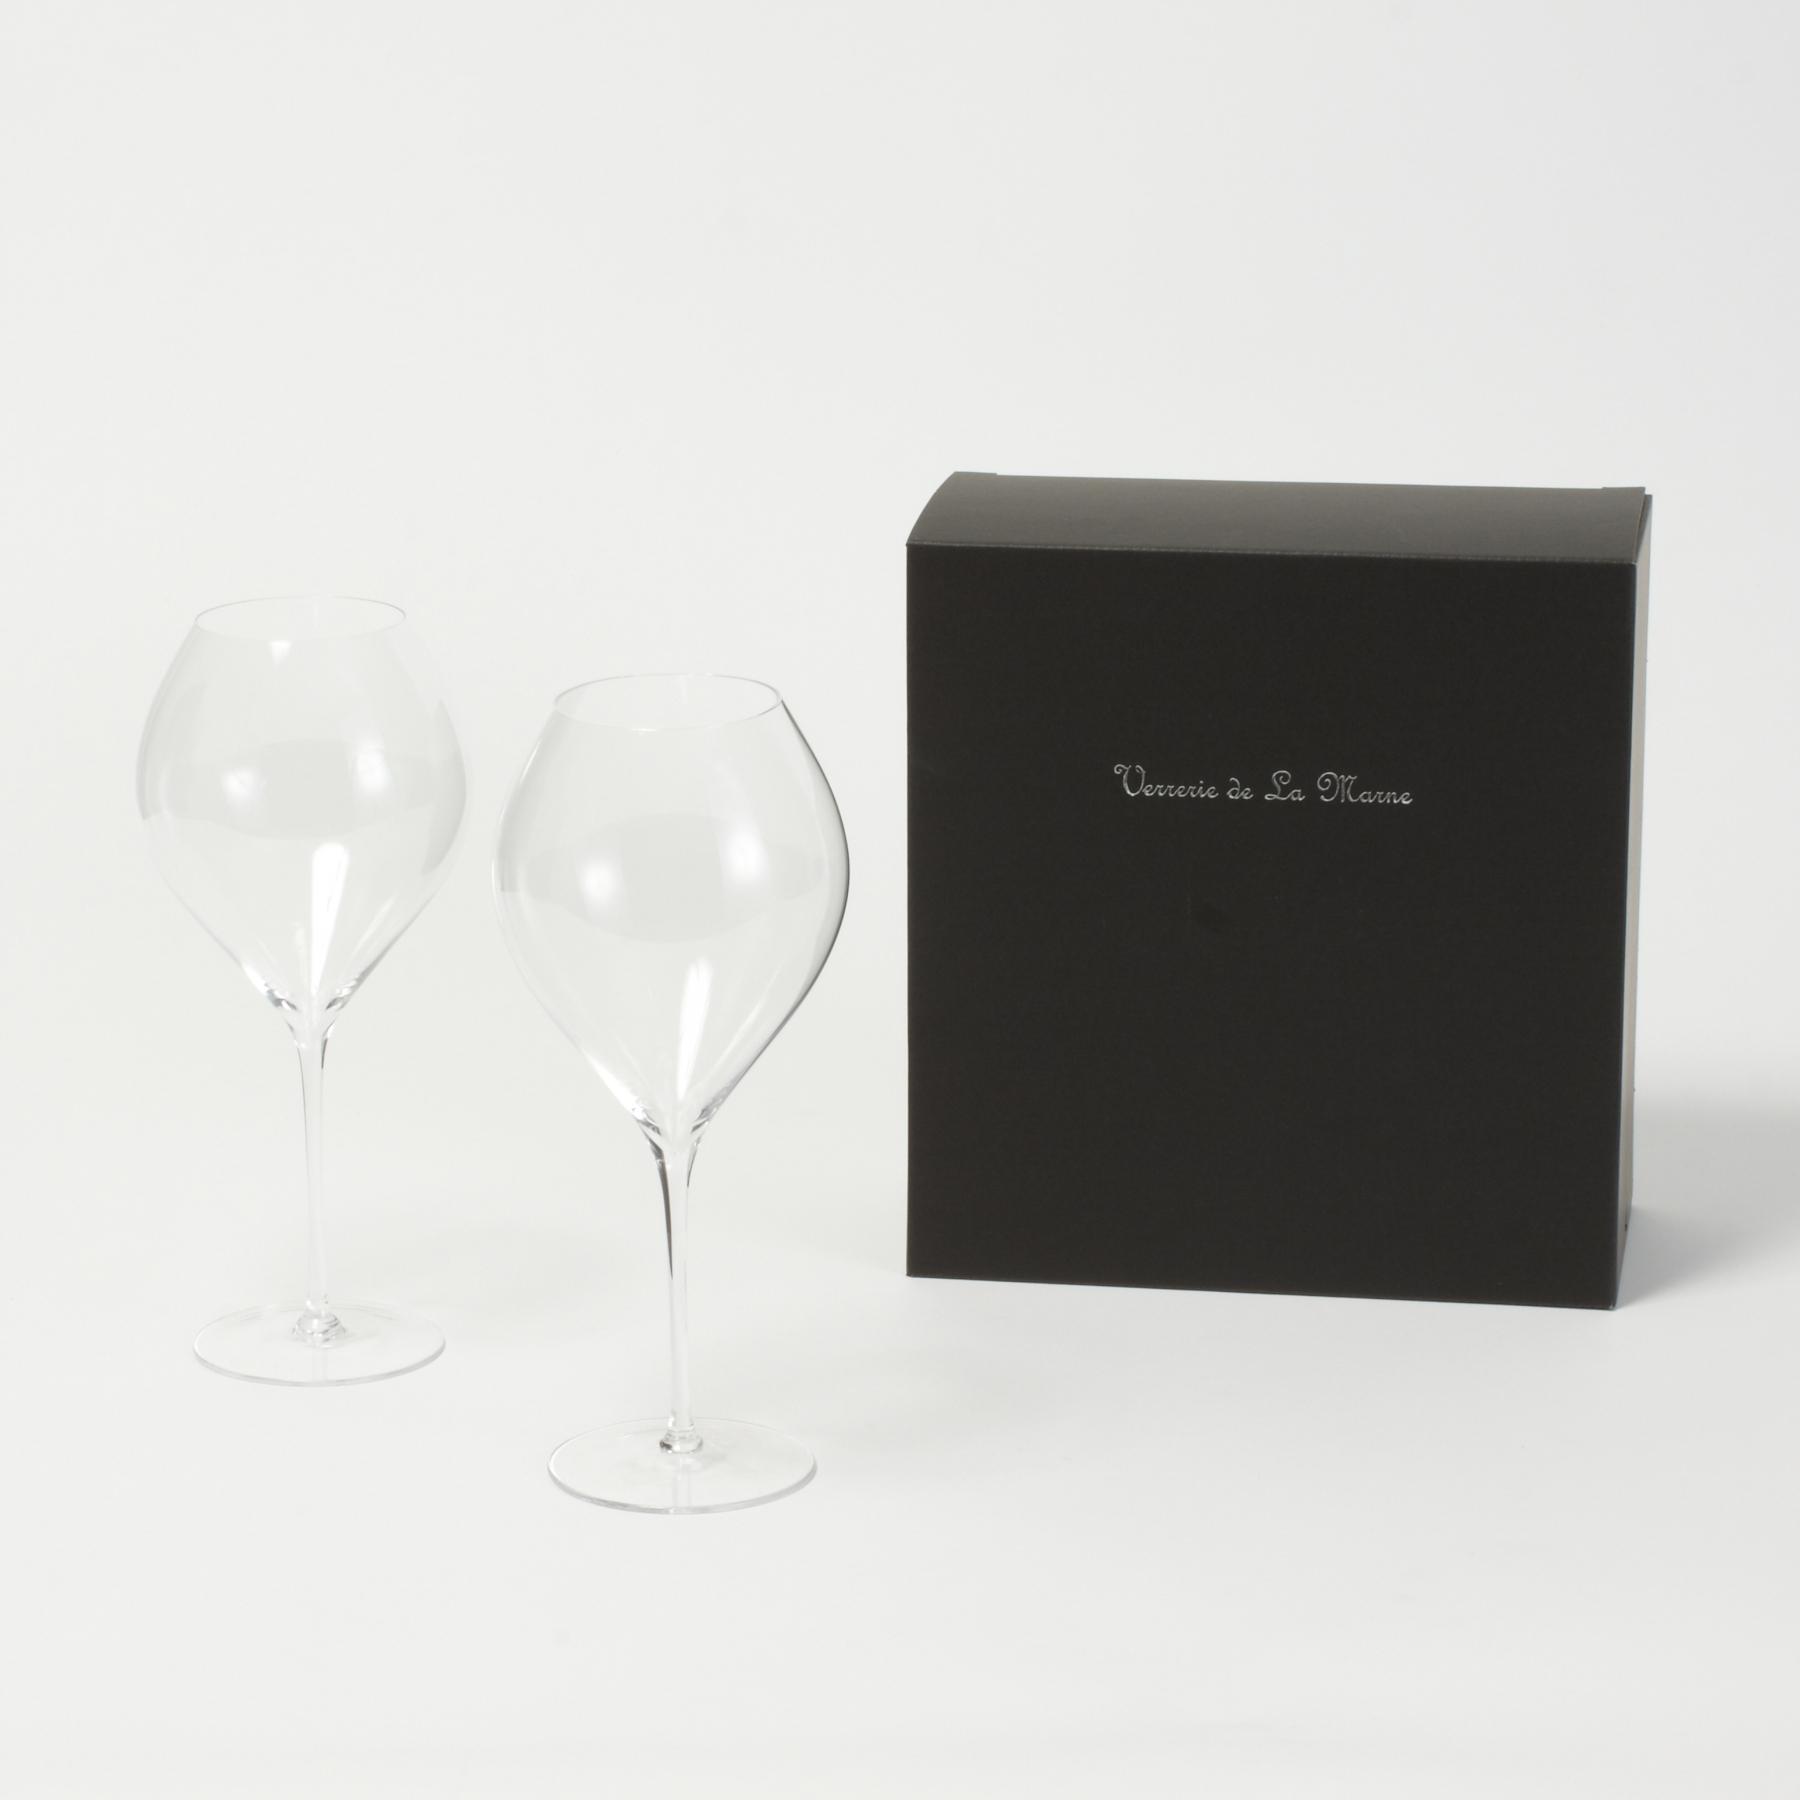 grand rouge/グラン・ルージュギフトセット(BOX入り)